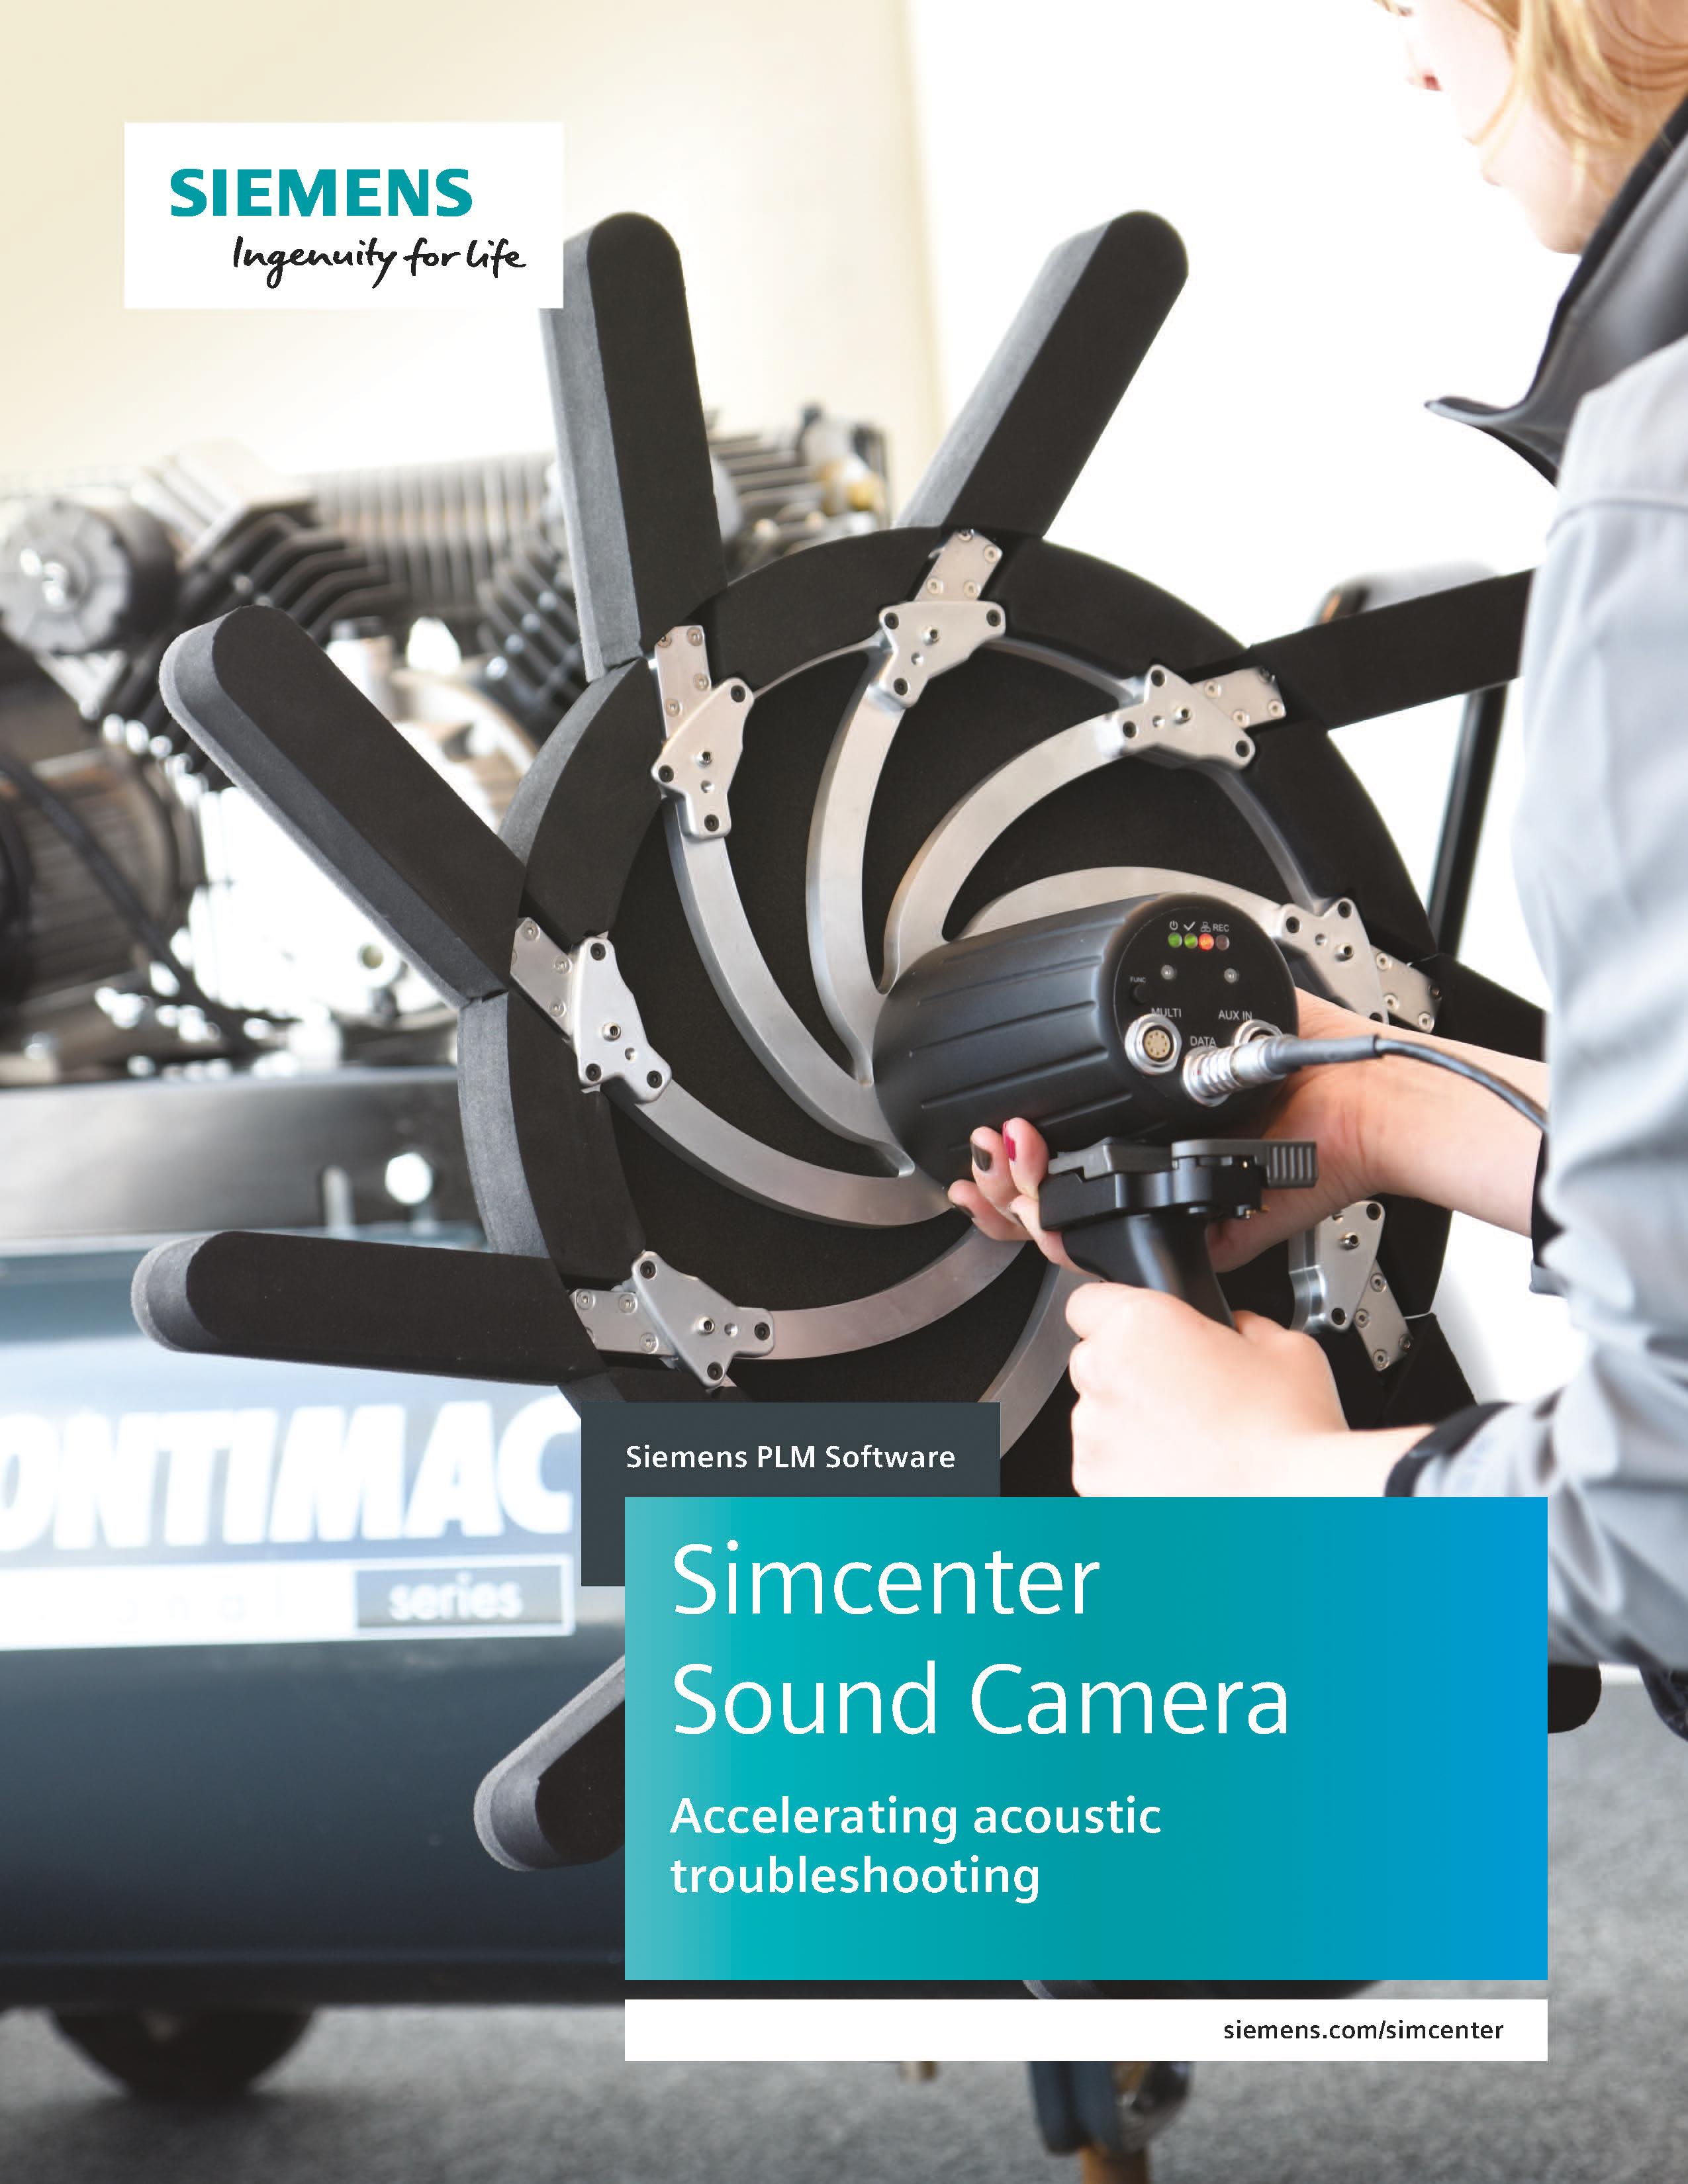 SIMCENTER SOUND CAMERA